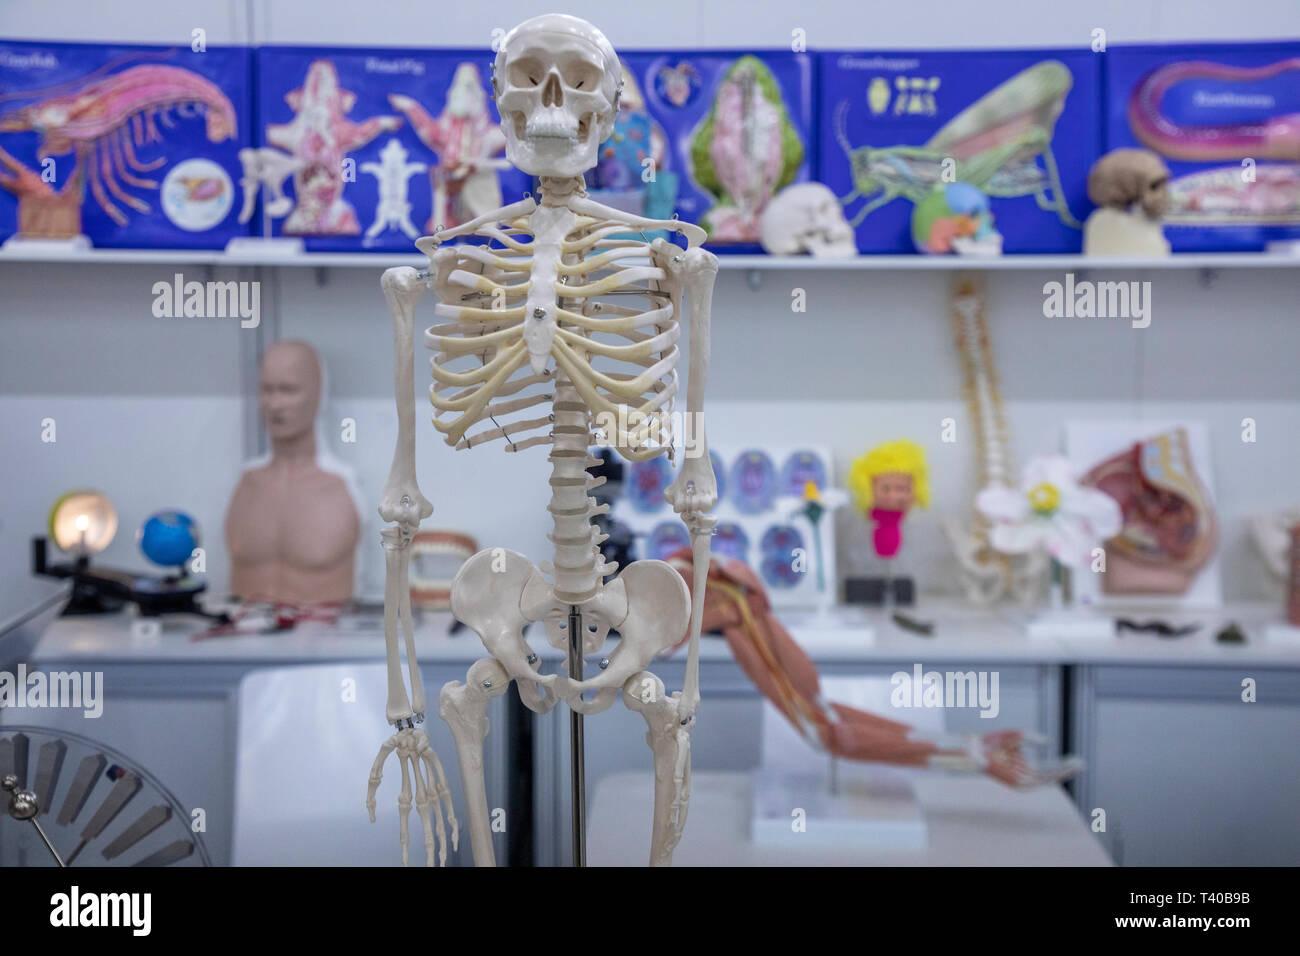 Ein Modell des menschlichen Skeletts auf einer Ausstellung Stockbild